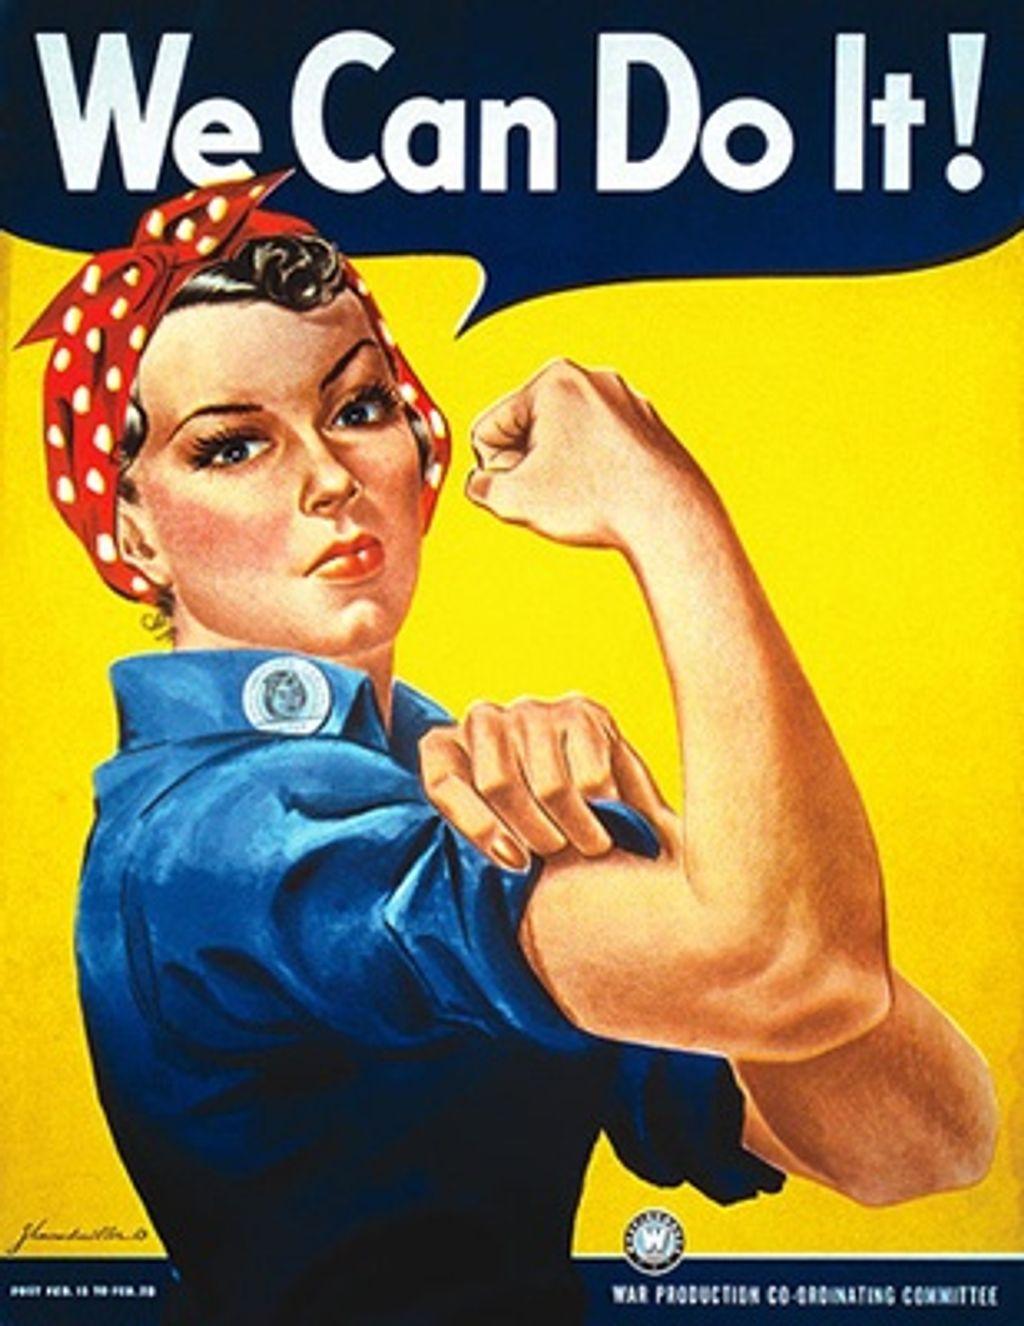 Idées originales pour la Journée Internationale du Droit des Femmes